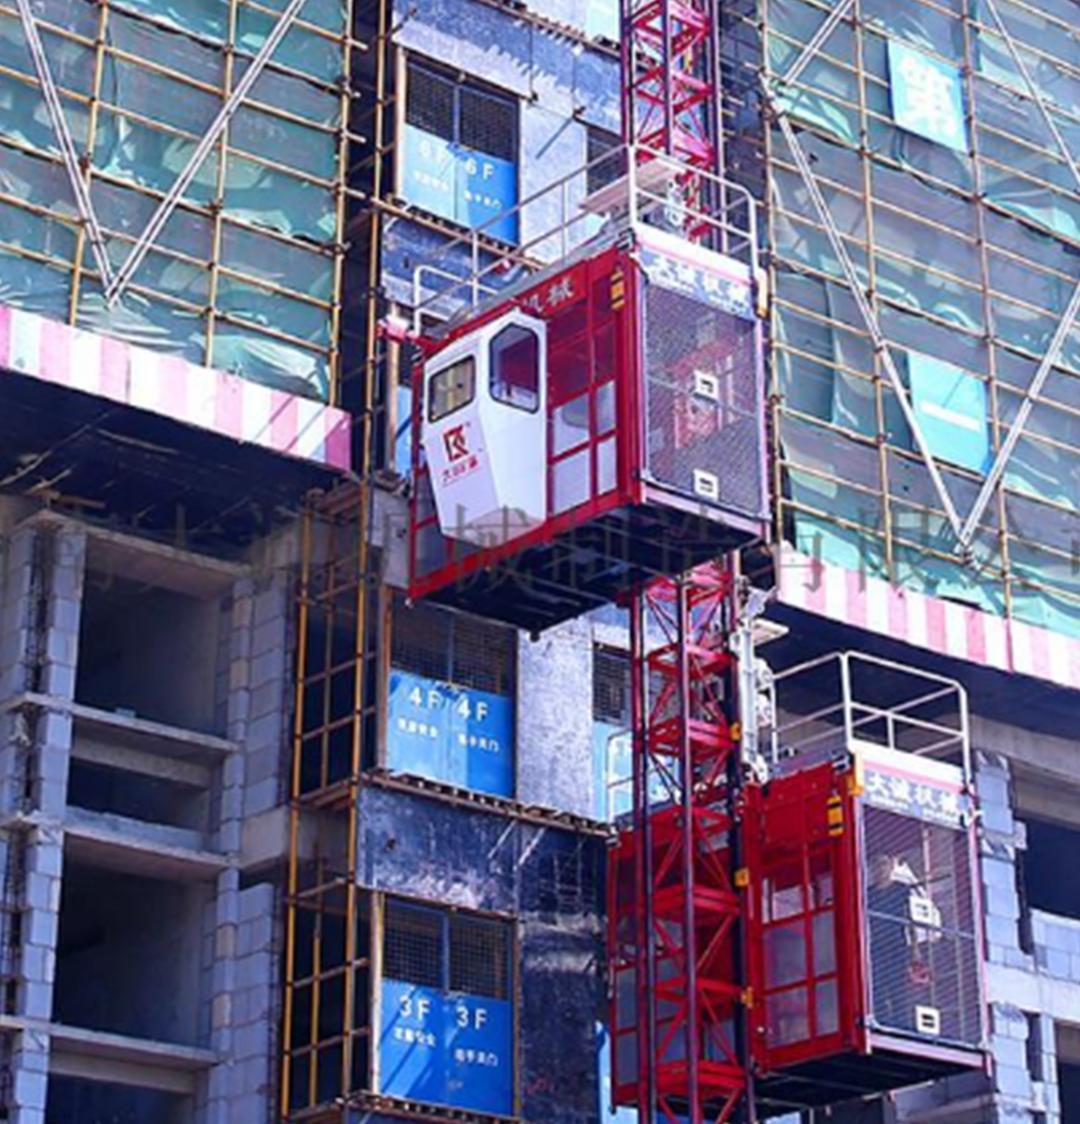 潍坊双华塔吊施工电梯租赁企业发展前景和面临的问题